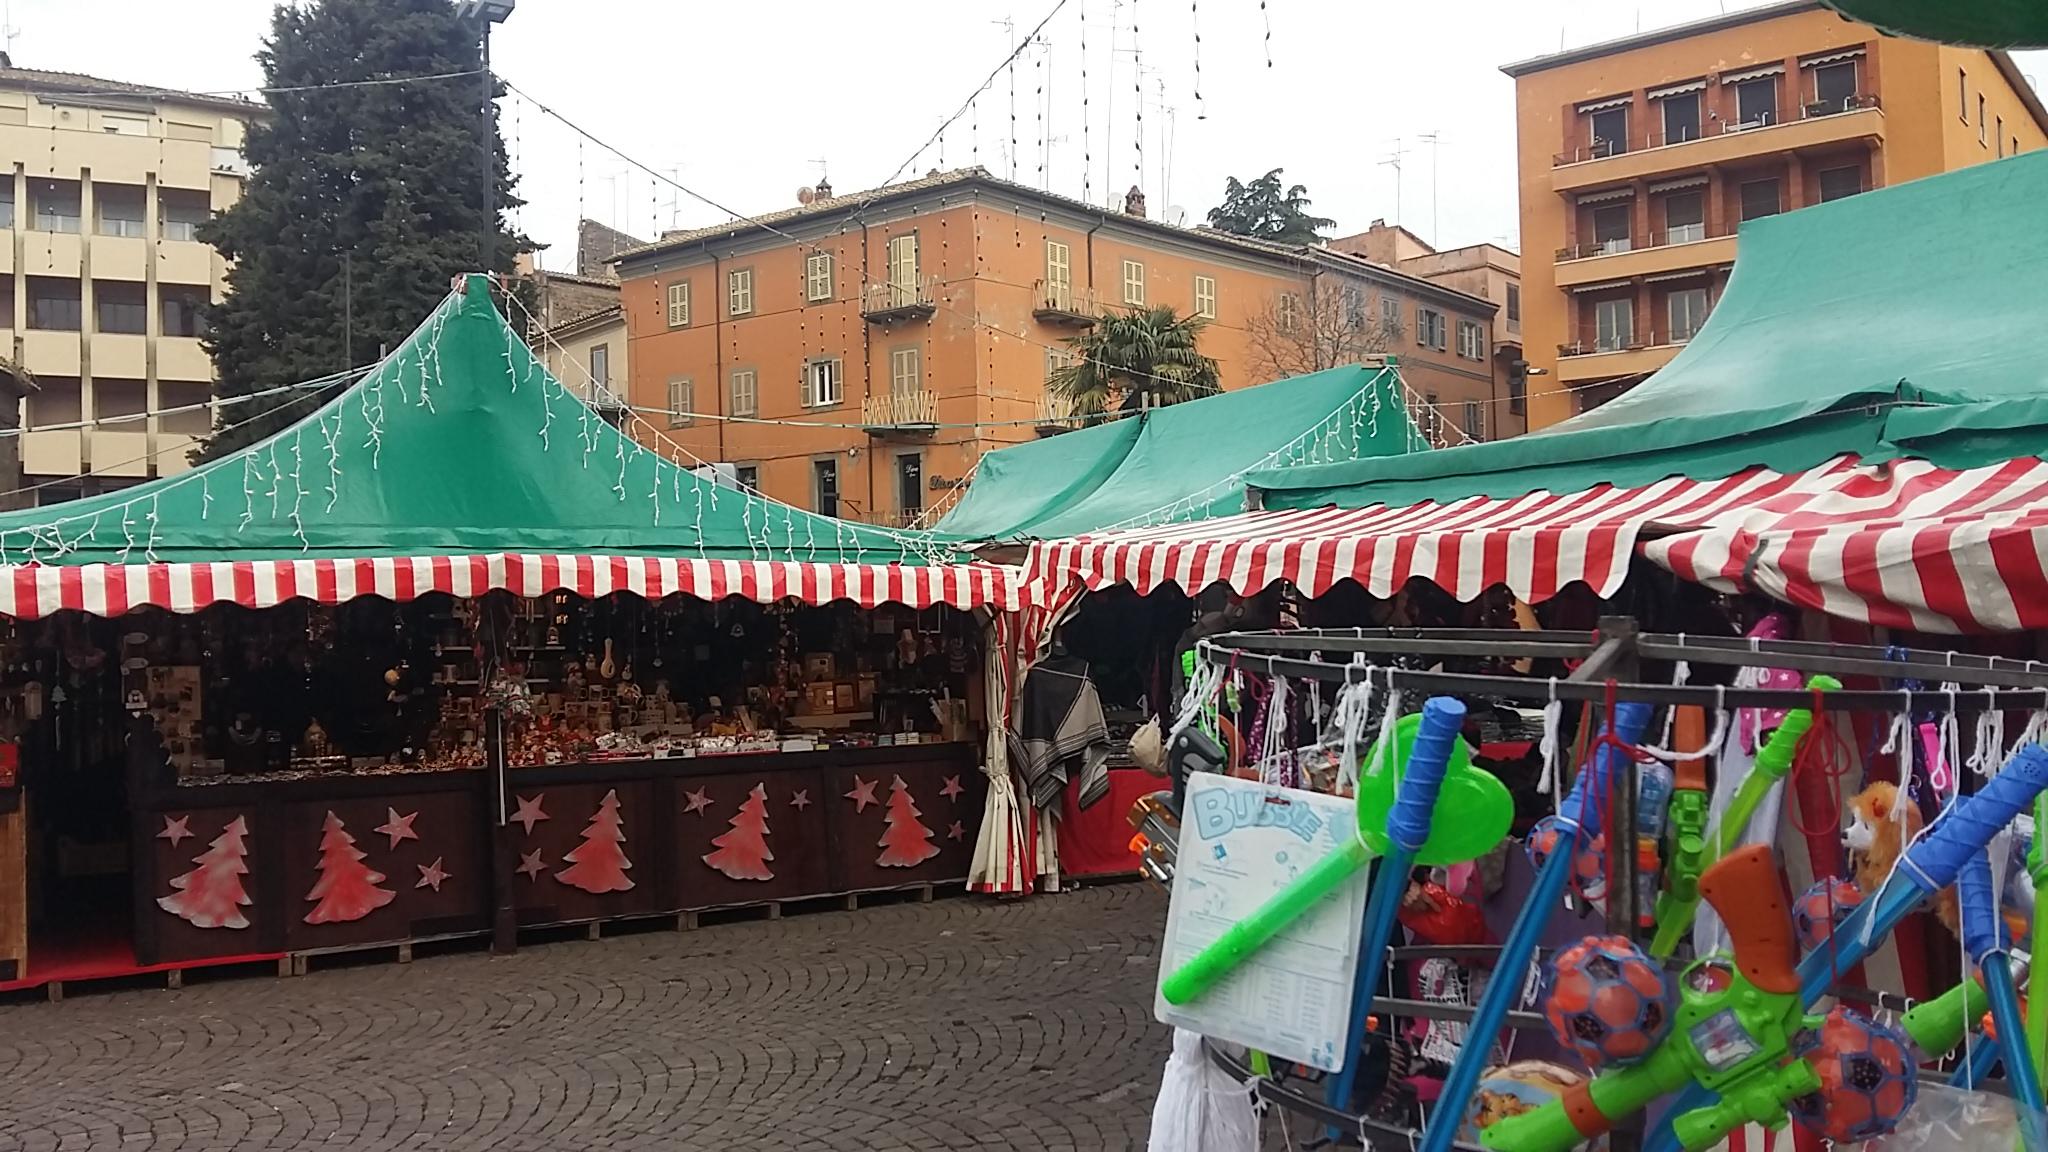 A Viterbo il Natale non arriva: cronaca di una città sempre più triste con i mercatini di Natale che neanche negli anni 40…